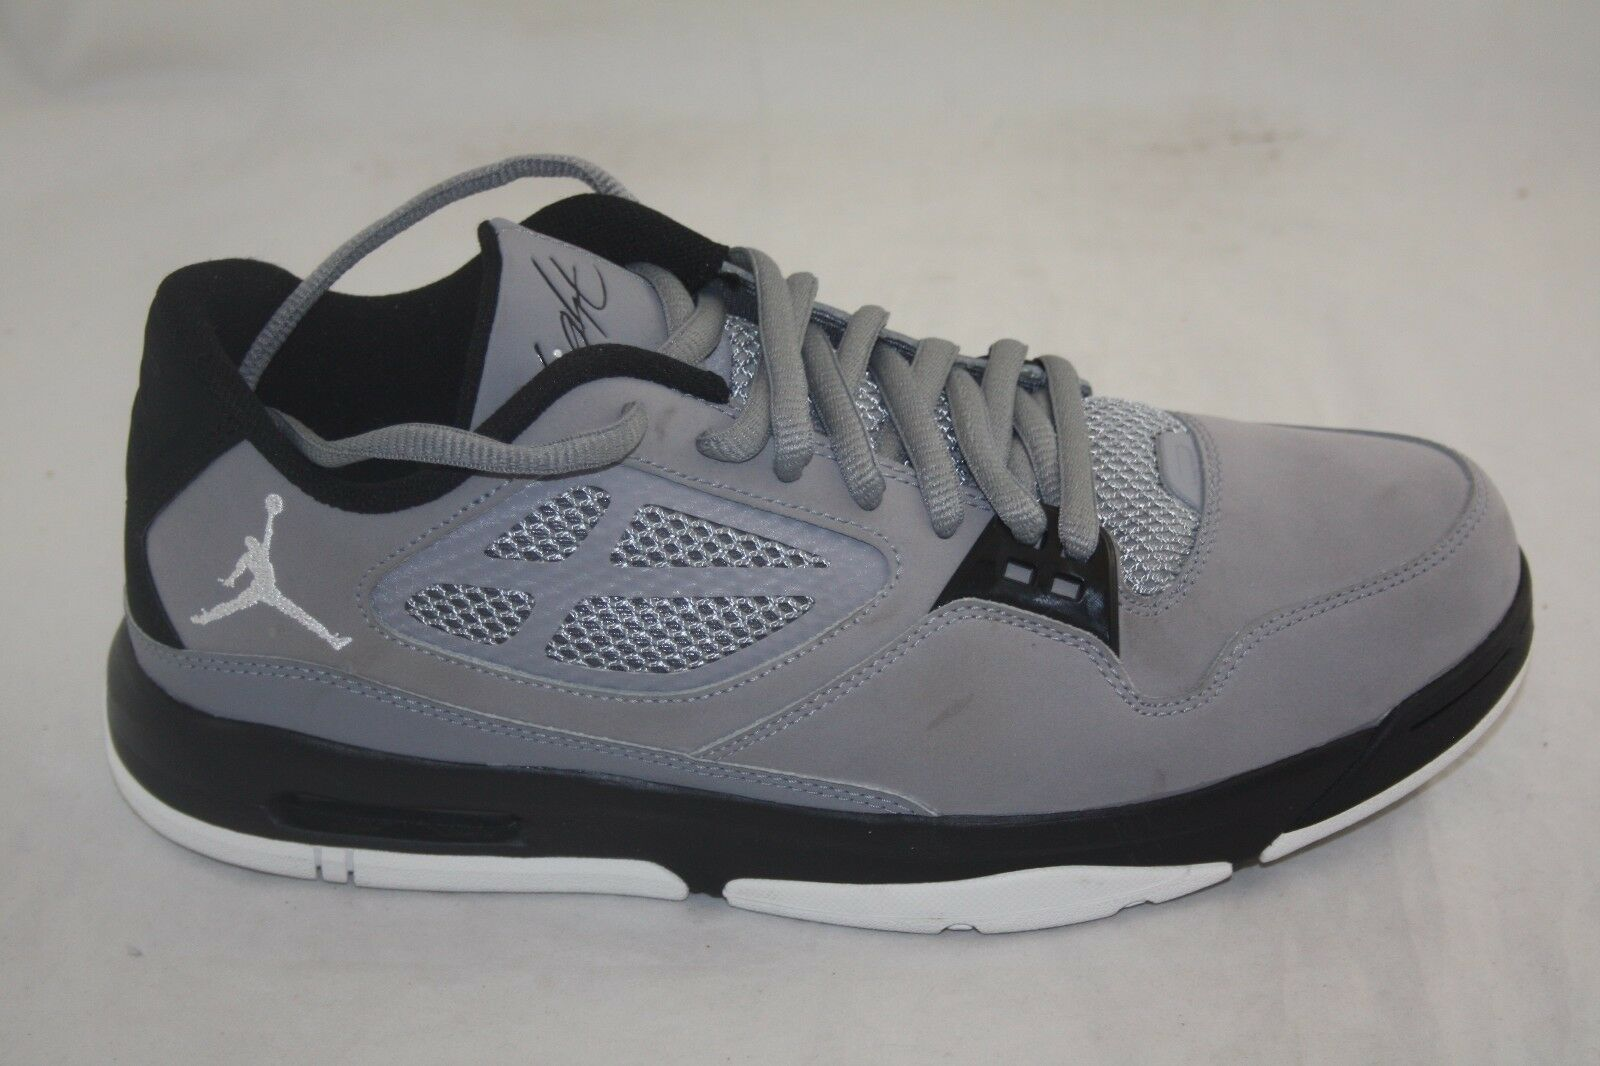 Nike jordan flight 23 bajo 525512-004stealth RST / blanco negro msrp105.00 RST 525512-004stealth d2bf59